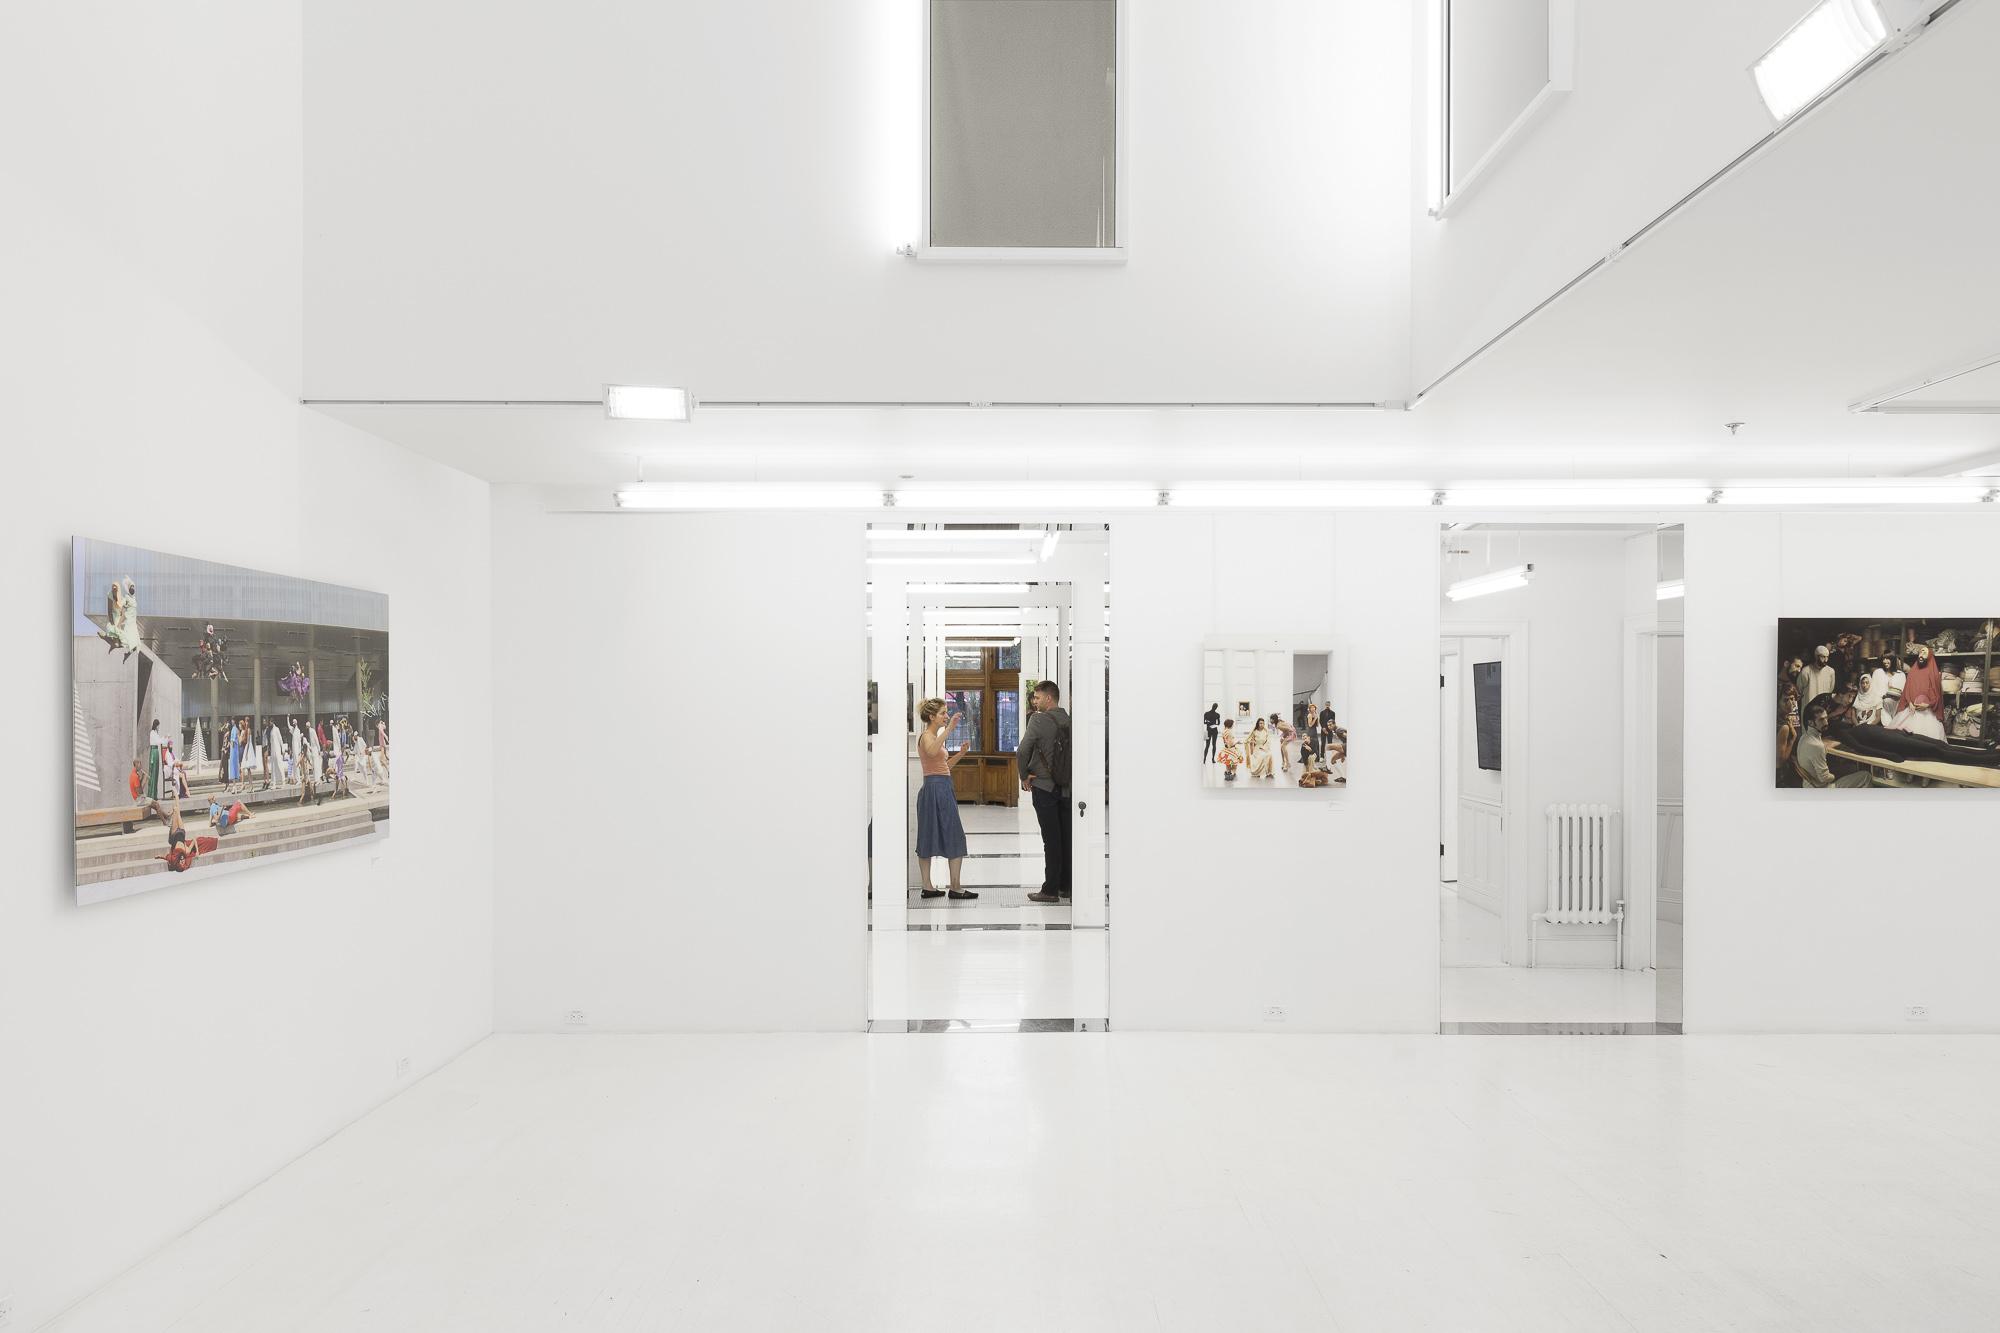 le Livart - Galerie blanche